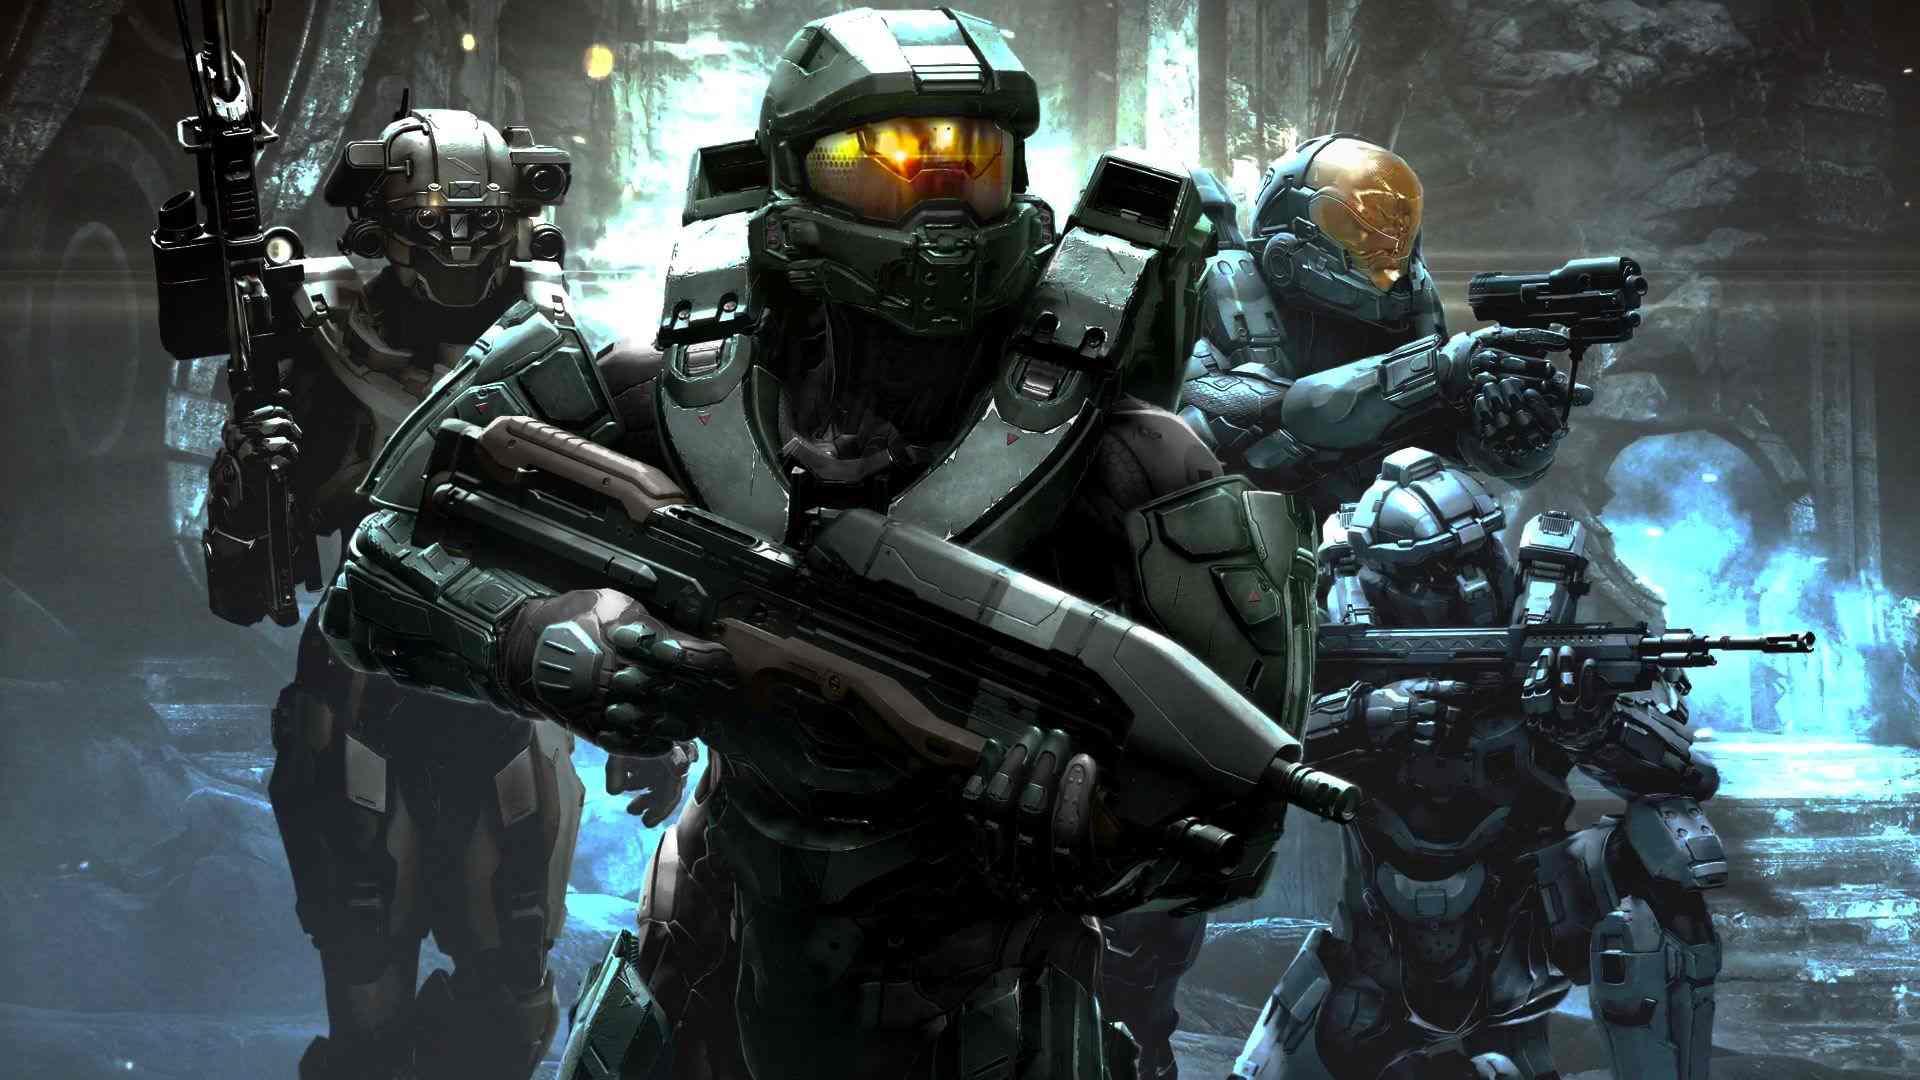 Llega a Halo 5: Guardians la actualización Battle of Shadow and Light